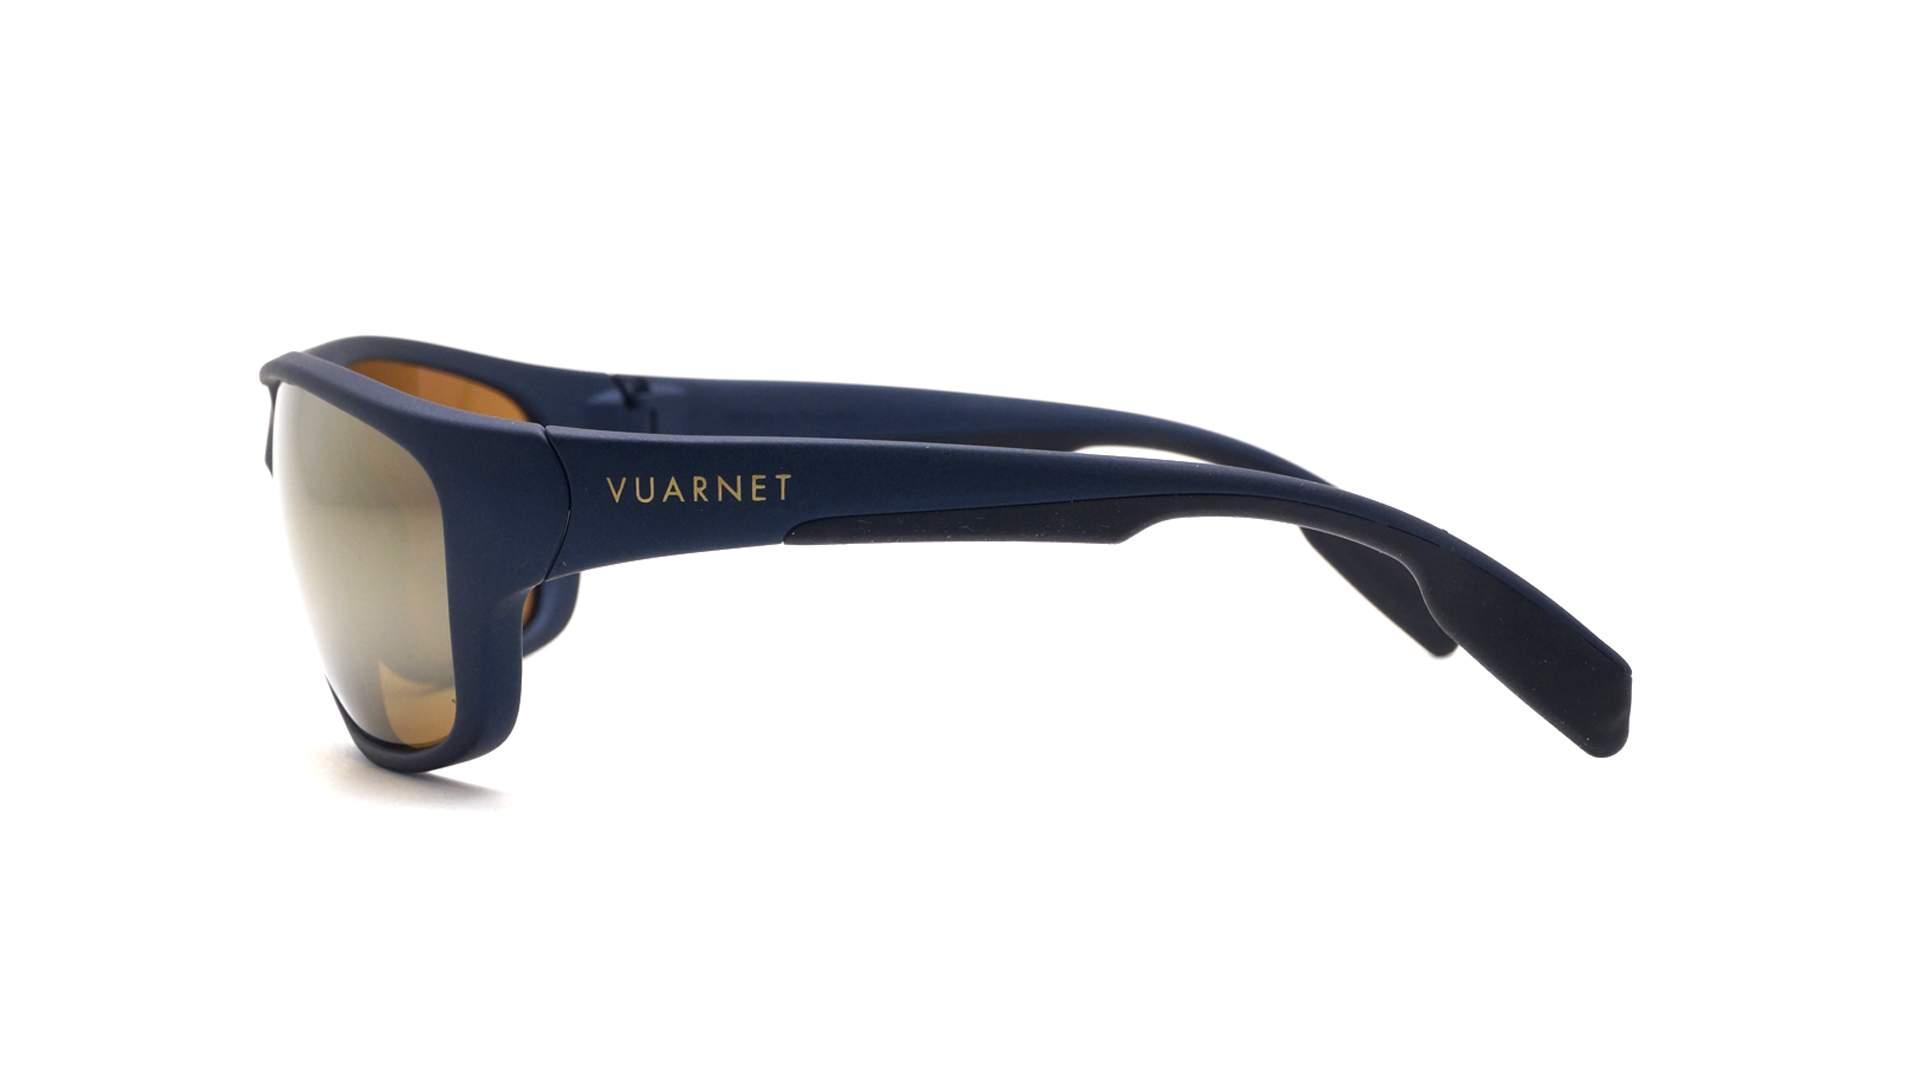 17b796e411 Sunglasses Vuarnet Active Large Black Matte Blue polar VL1402 0001 62-15  Large Polarized